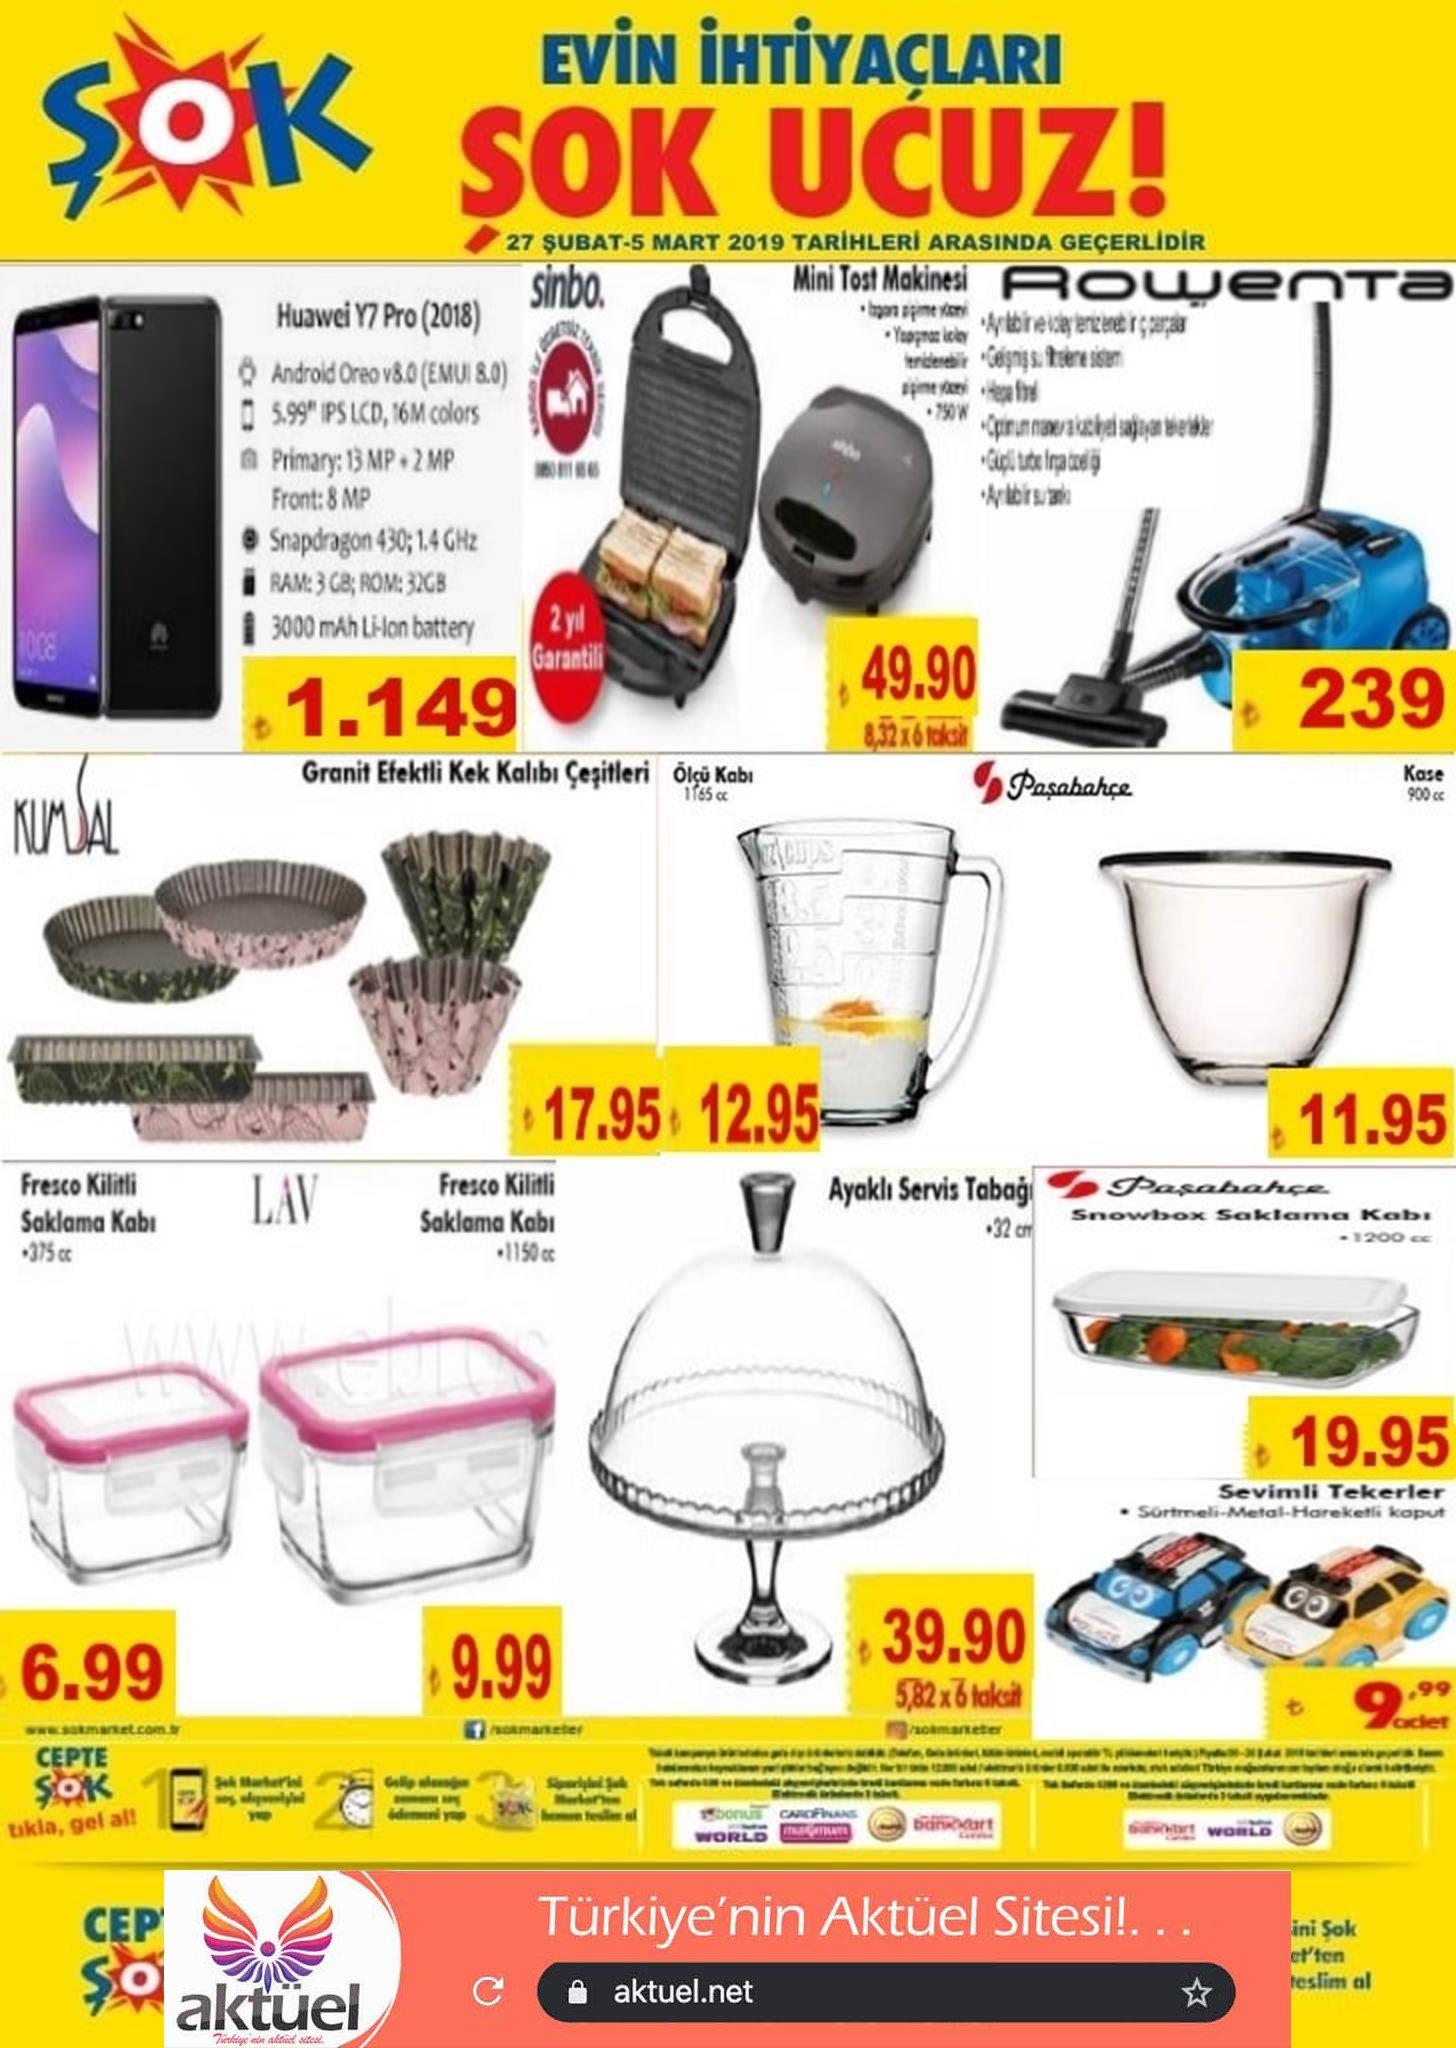 Sok Market Fiyat Katalogu 2020 Martini Urunler Subat